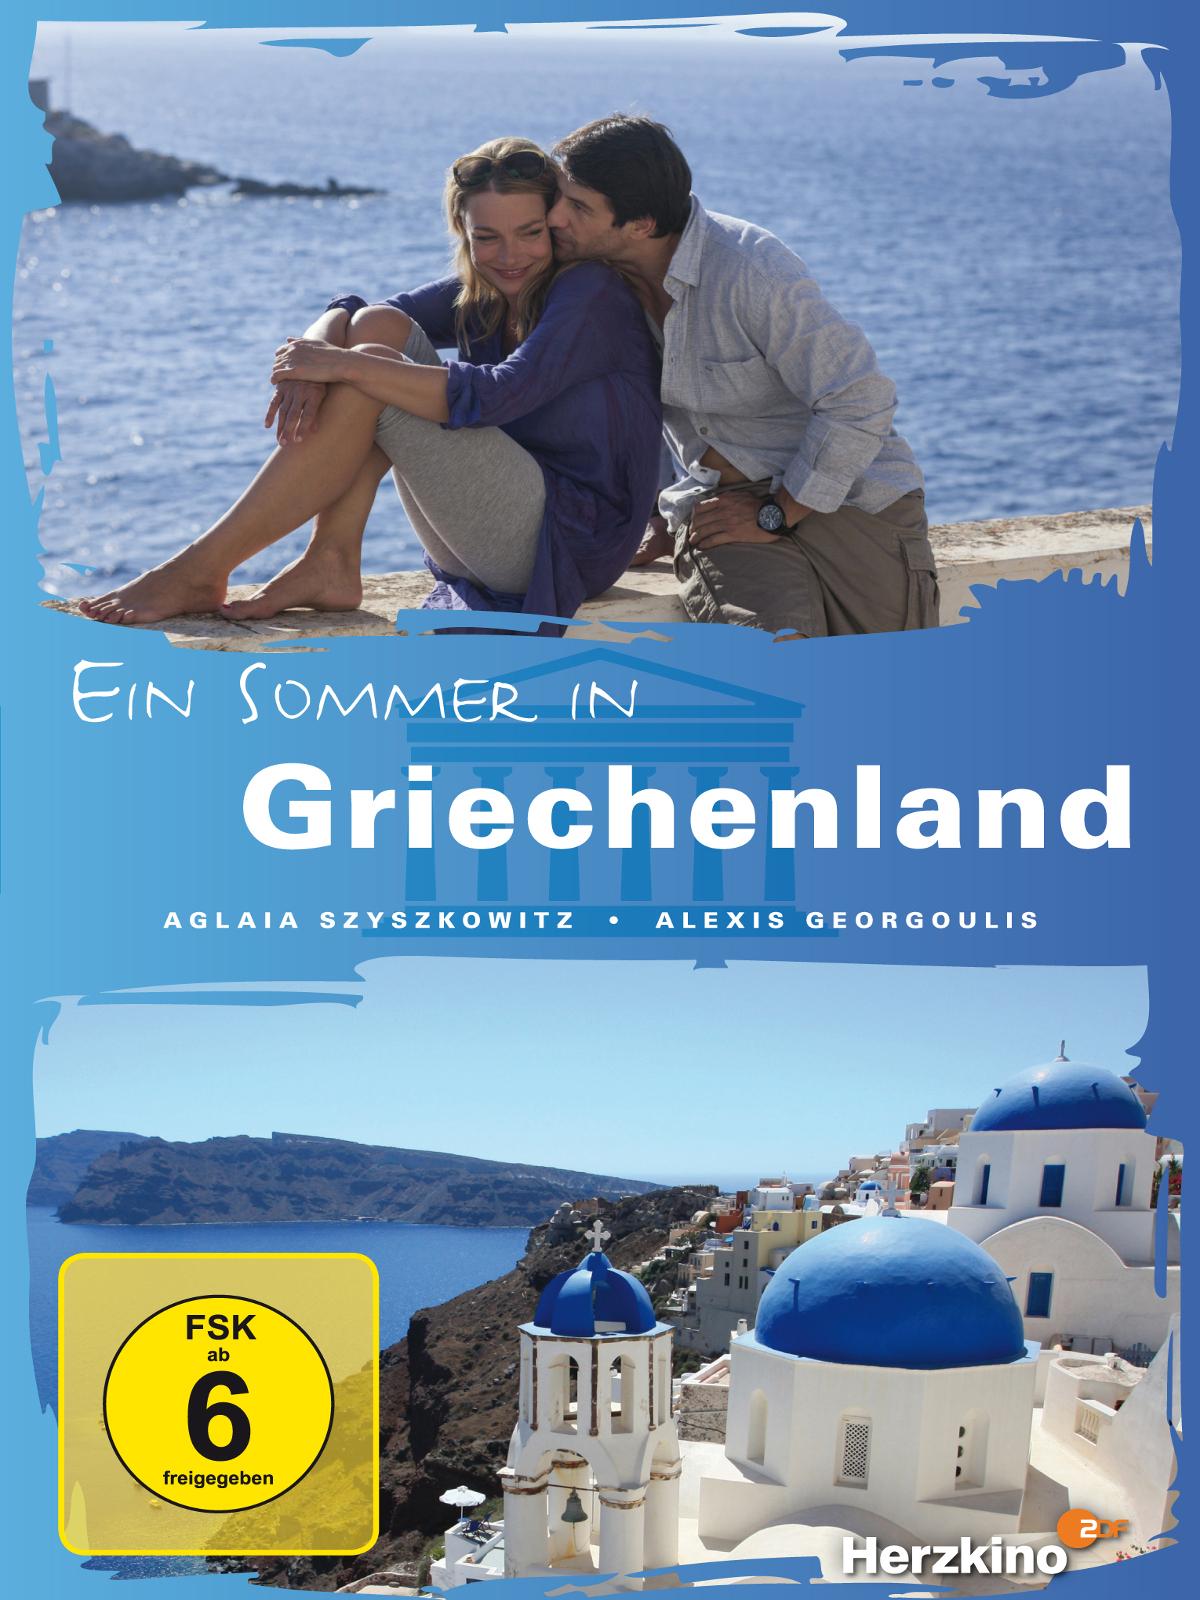 Film Griechenland